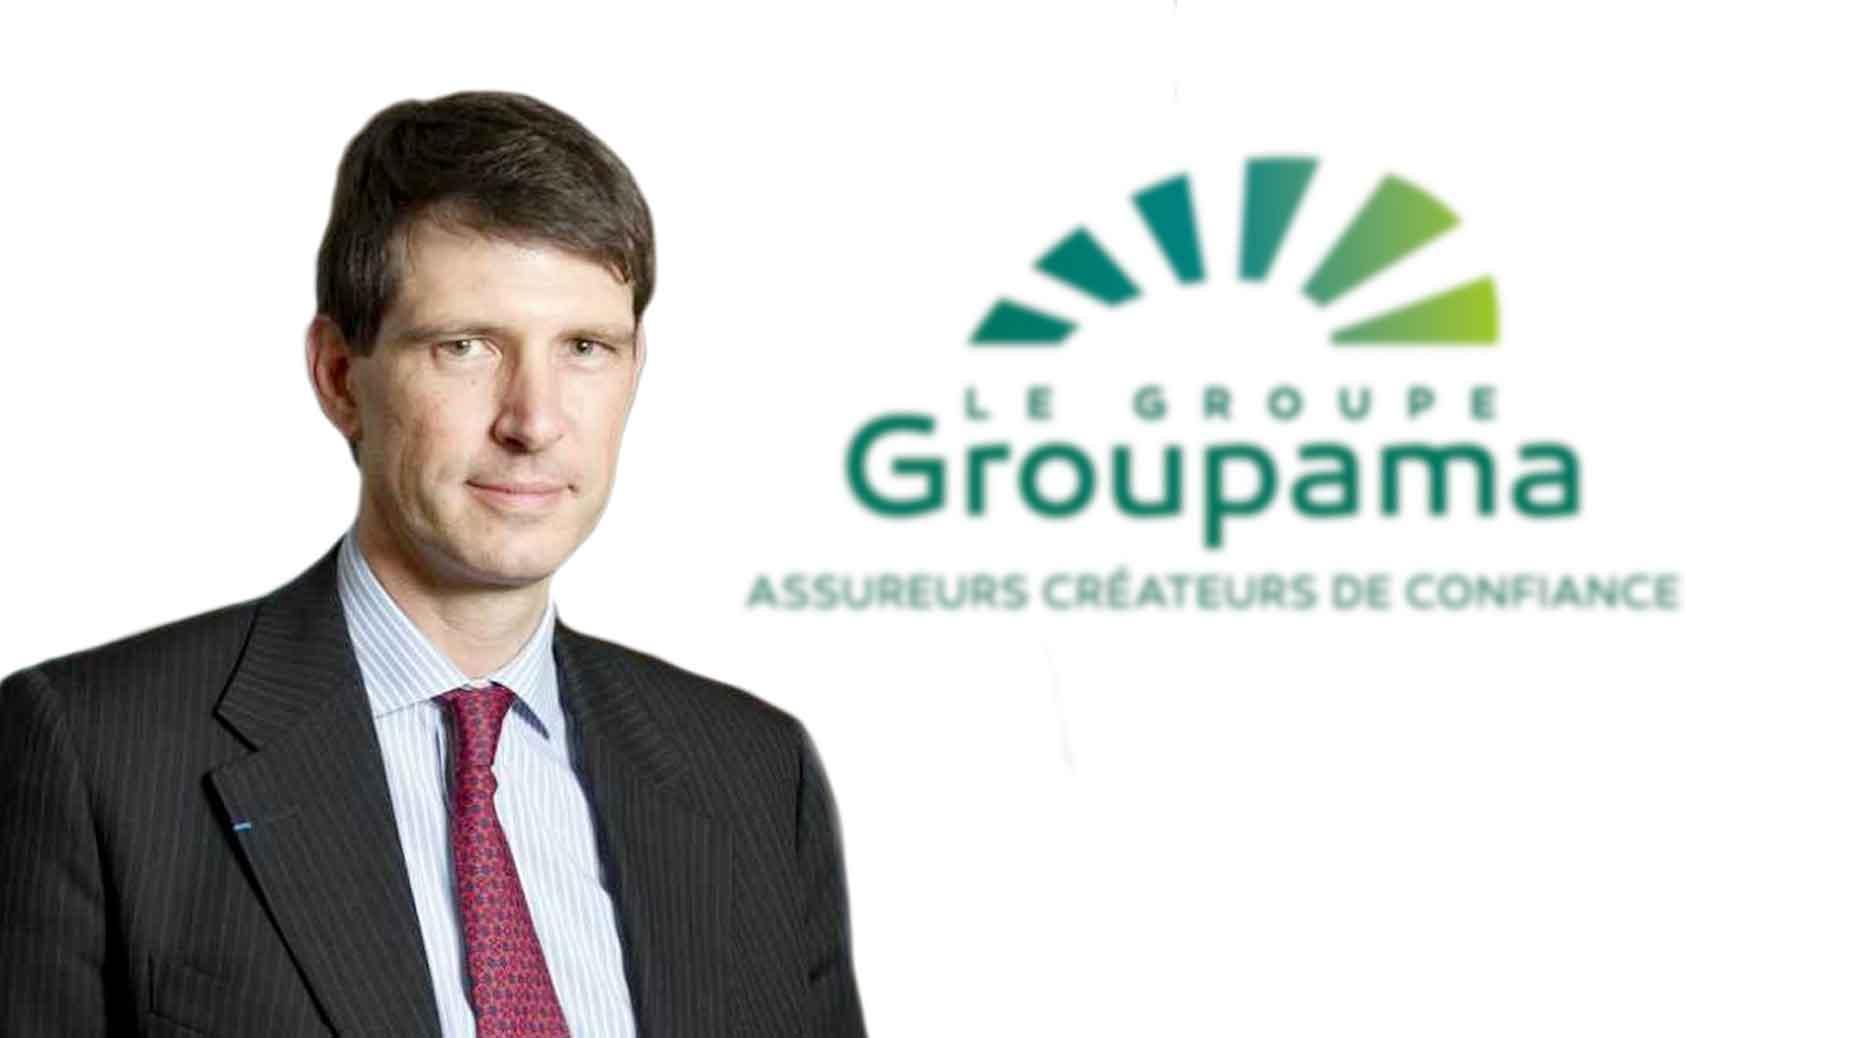 Résultats 2019 S1: Activité en croissance, mais résultats en berne pour Groupama